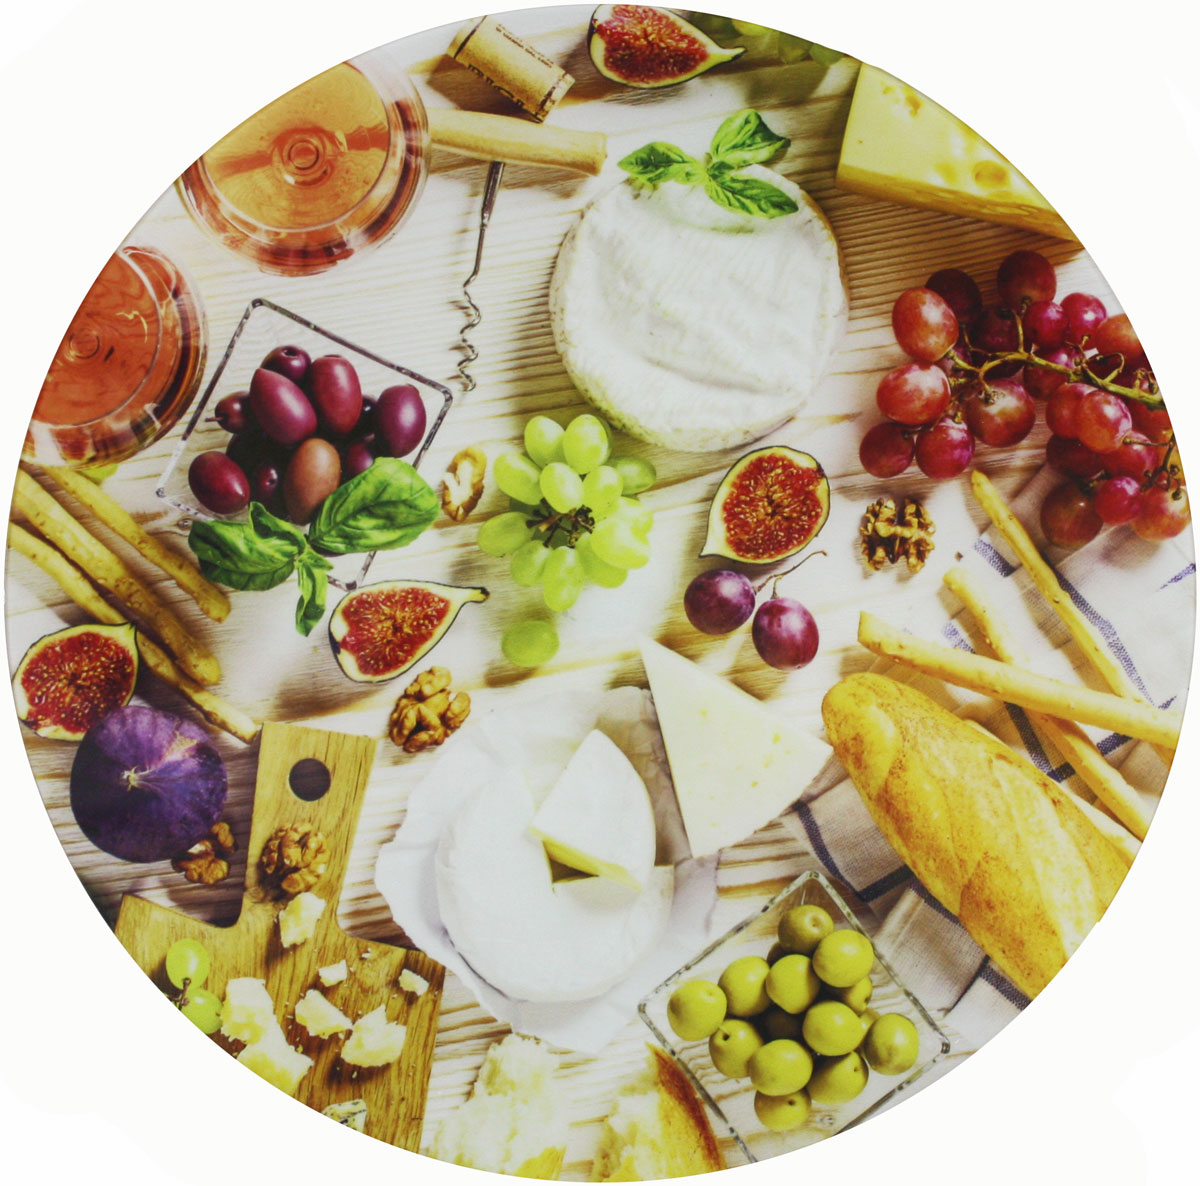 Блюдо Vellarti Сыр, вращающееся, диаметр 30 см. 21700102170010Вращающееся блюдо D 30см. Материал: стекло на вращающейся подставке в подарочной упаковке.